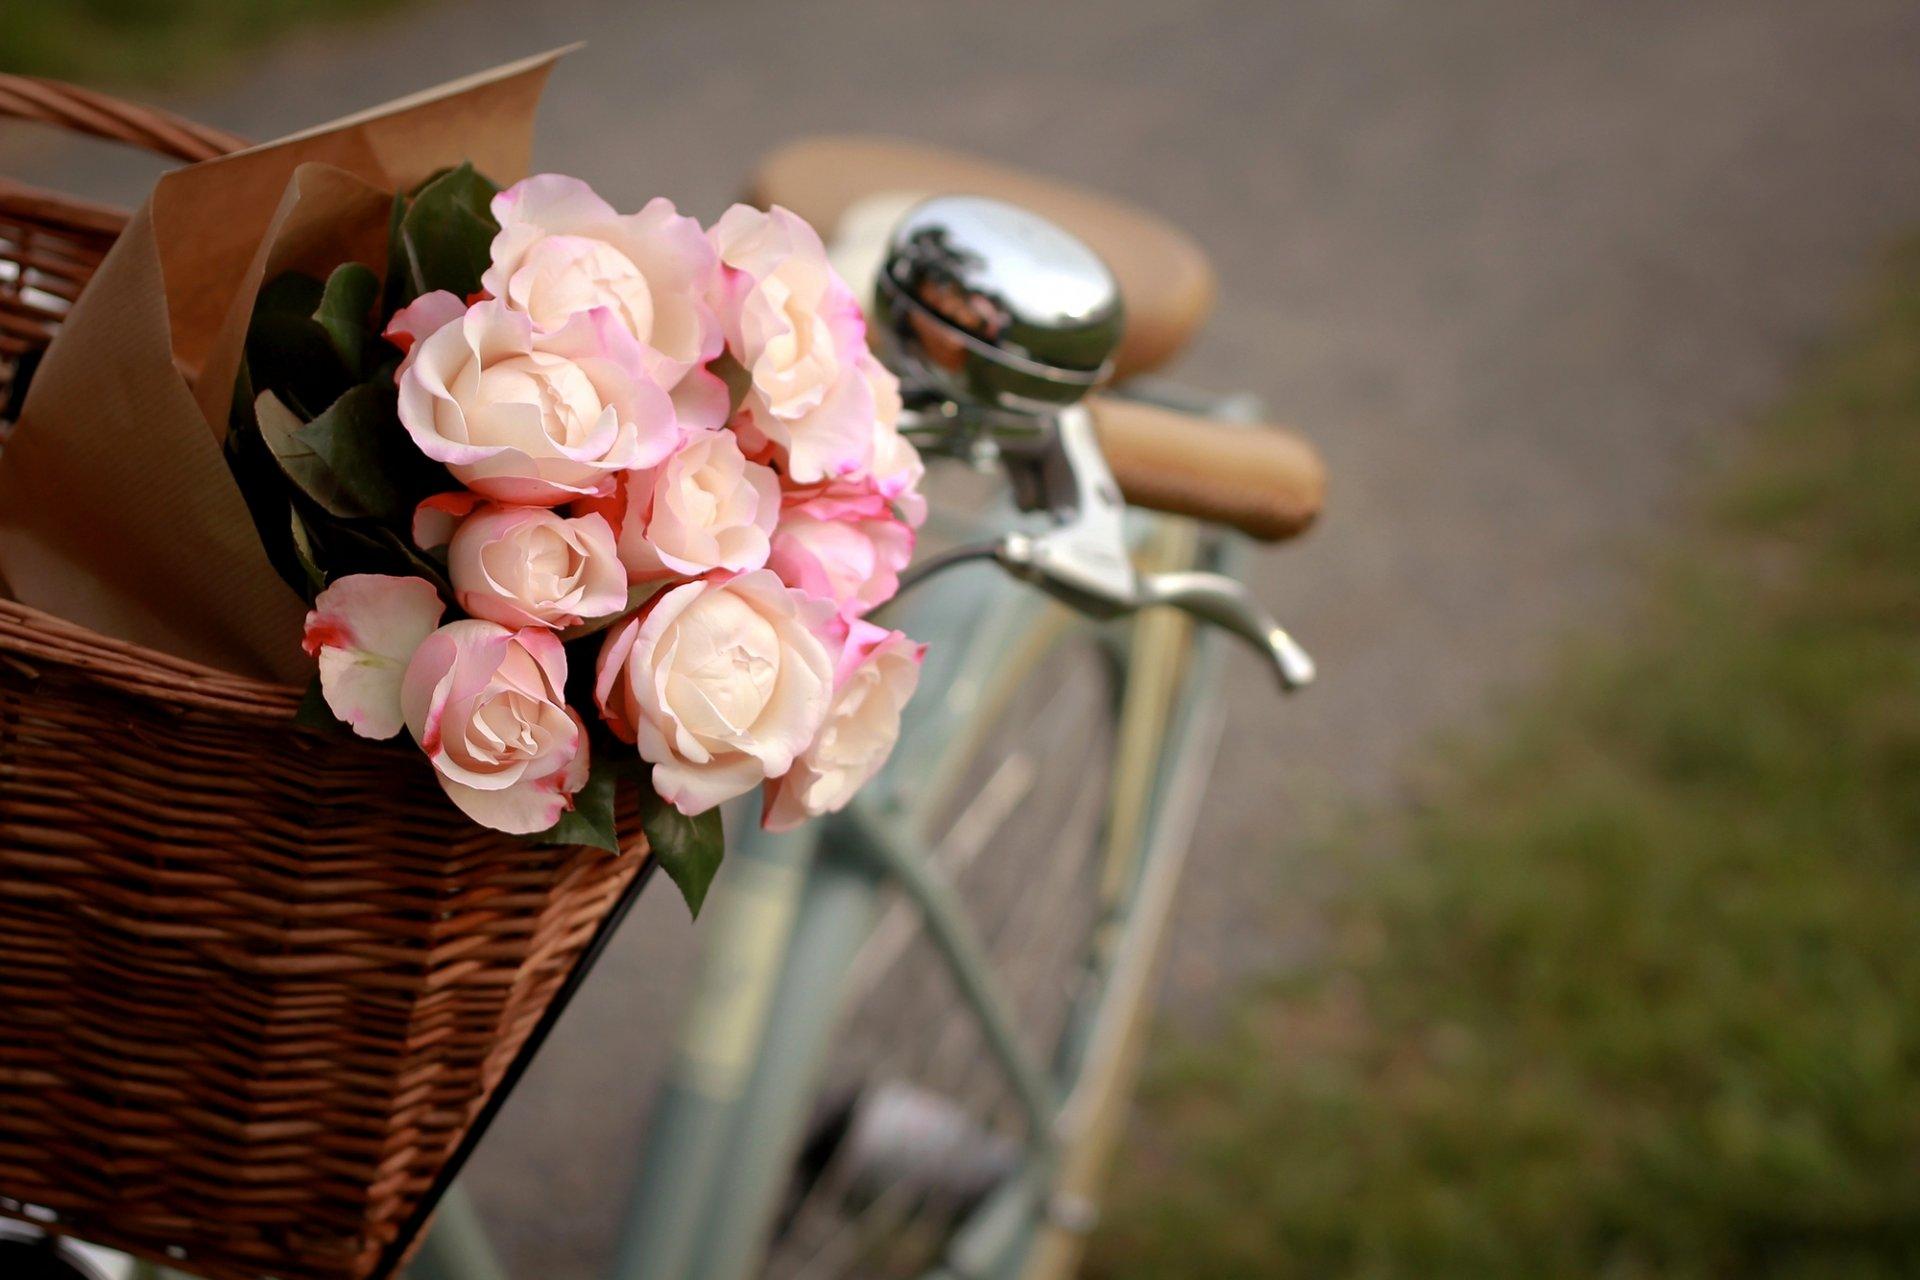 С днем рождения фото с велосипедом